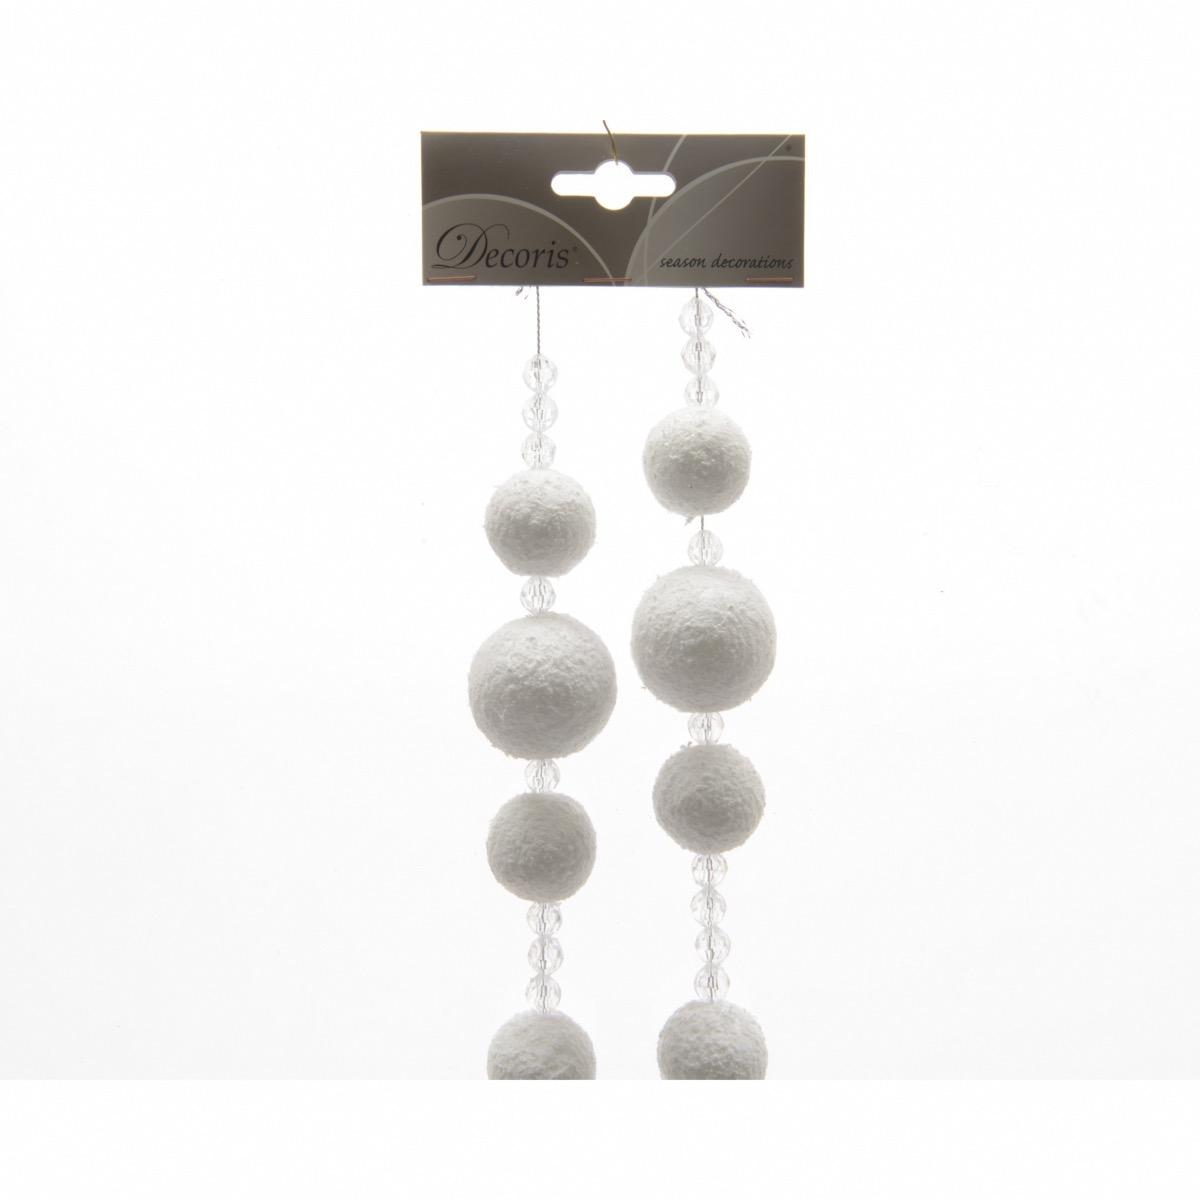 Guirlande Boule De Neige Et Perles 180 Cm Décoris